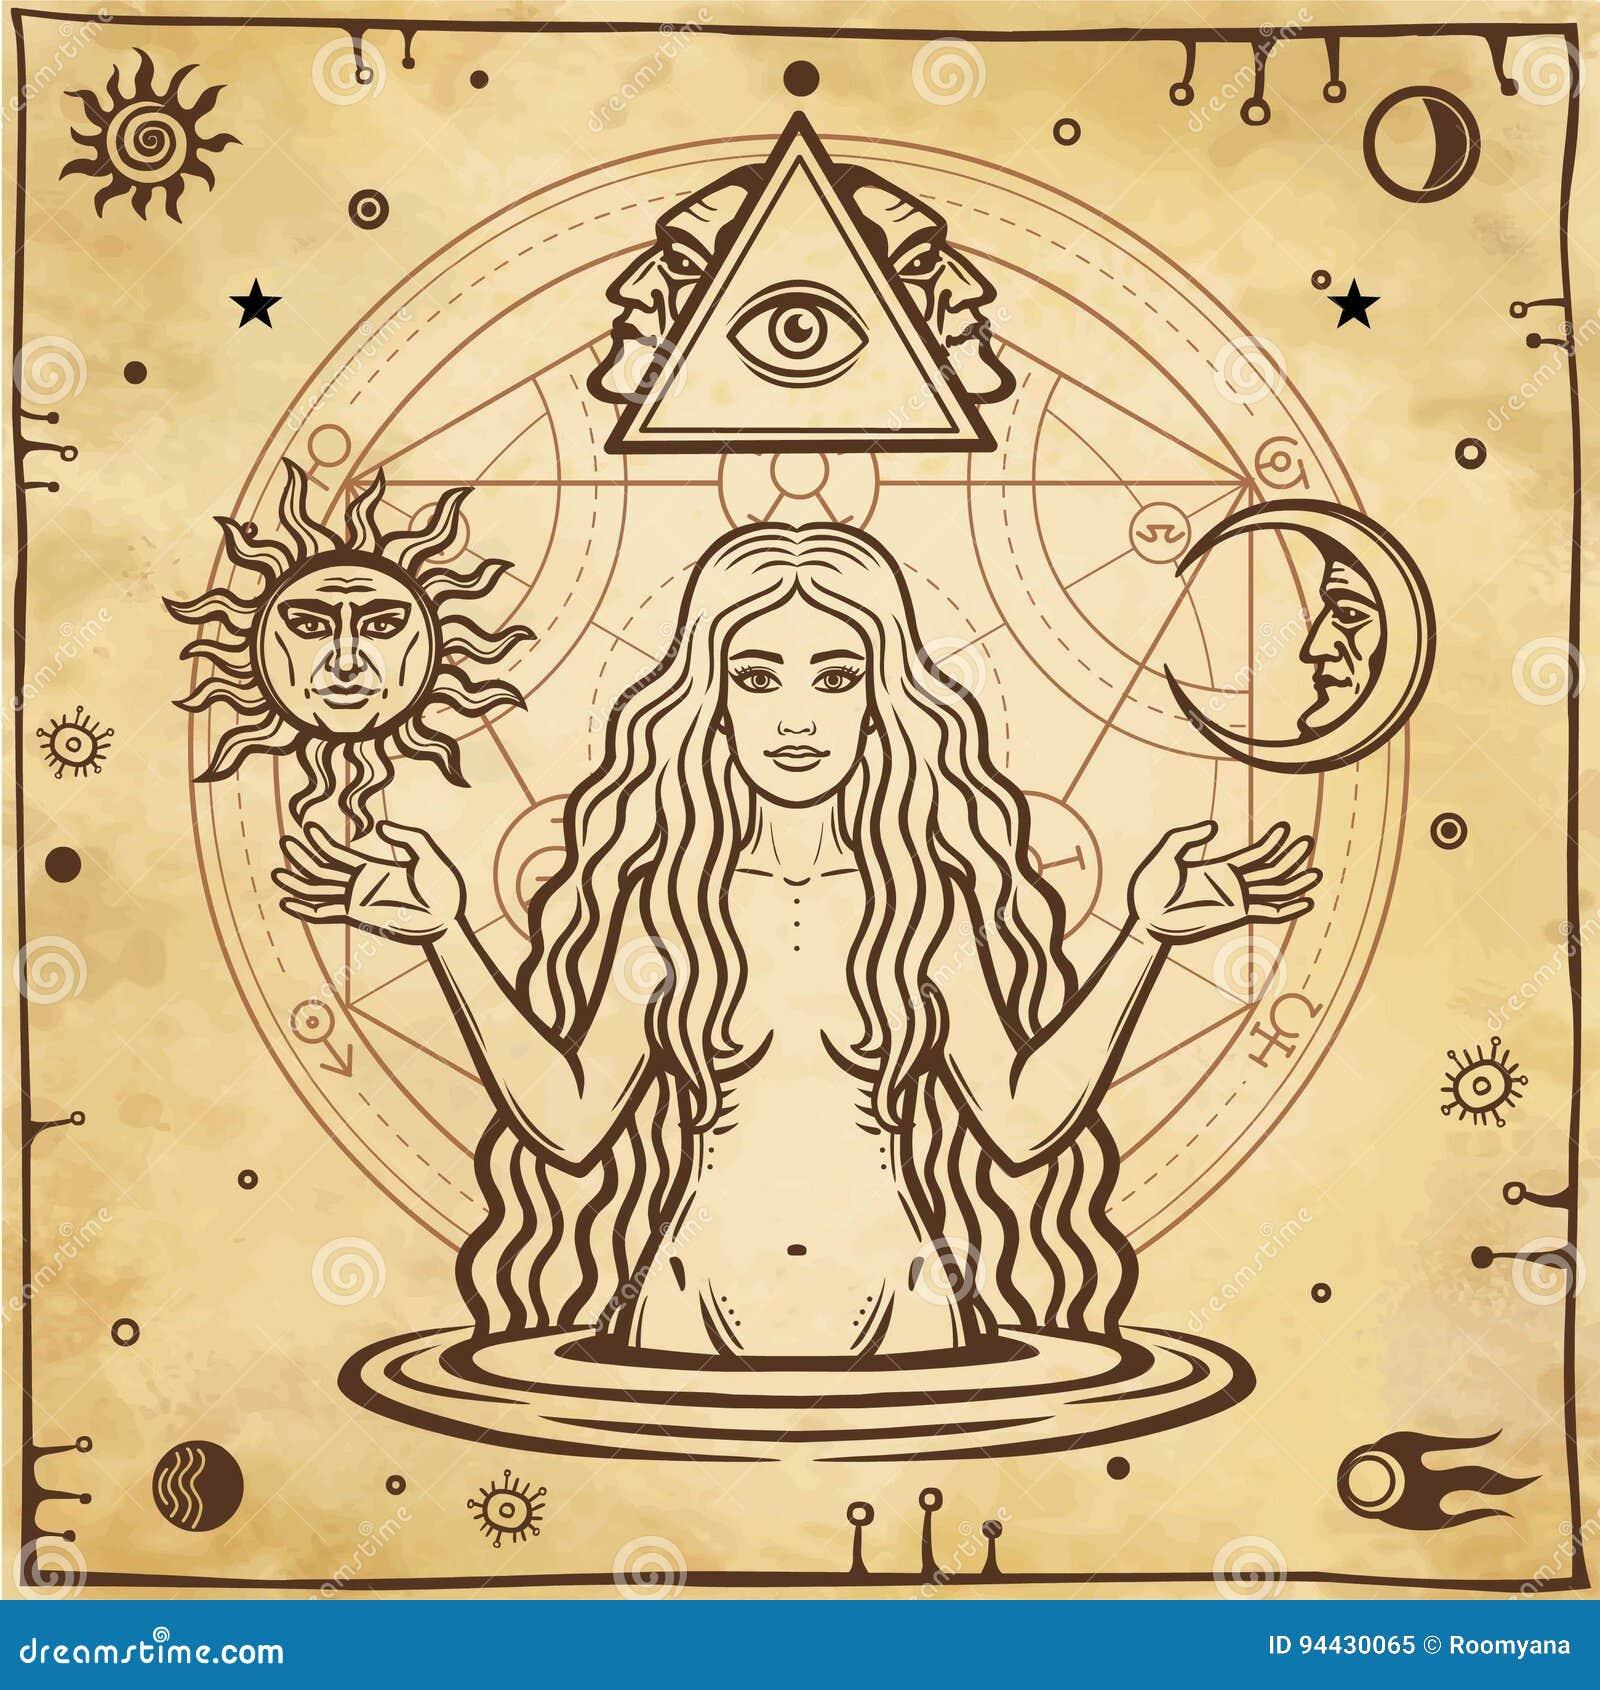 Dibujo alquímico: mujer hermosa joven, imagen del ` s de Eve, fertilidad, tentación